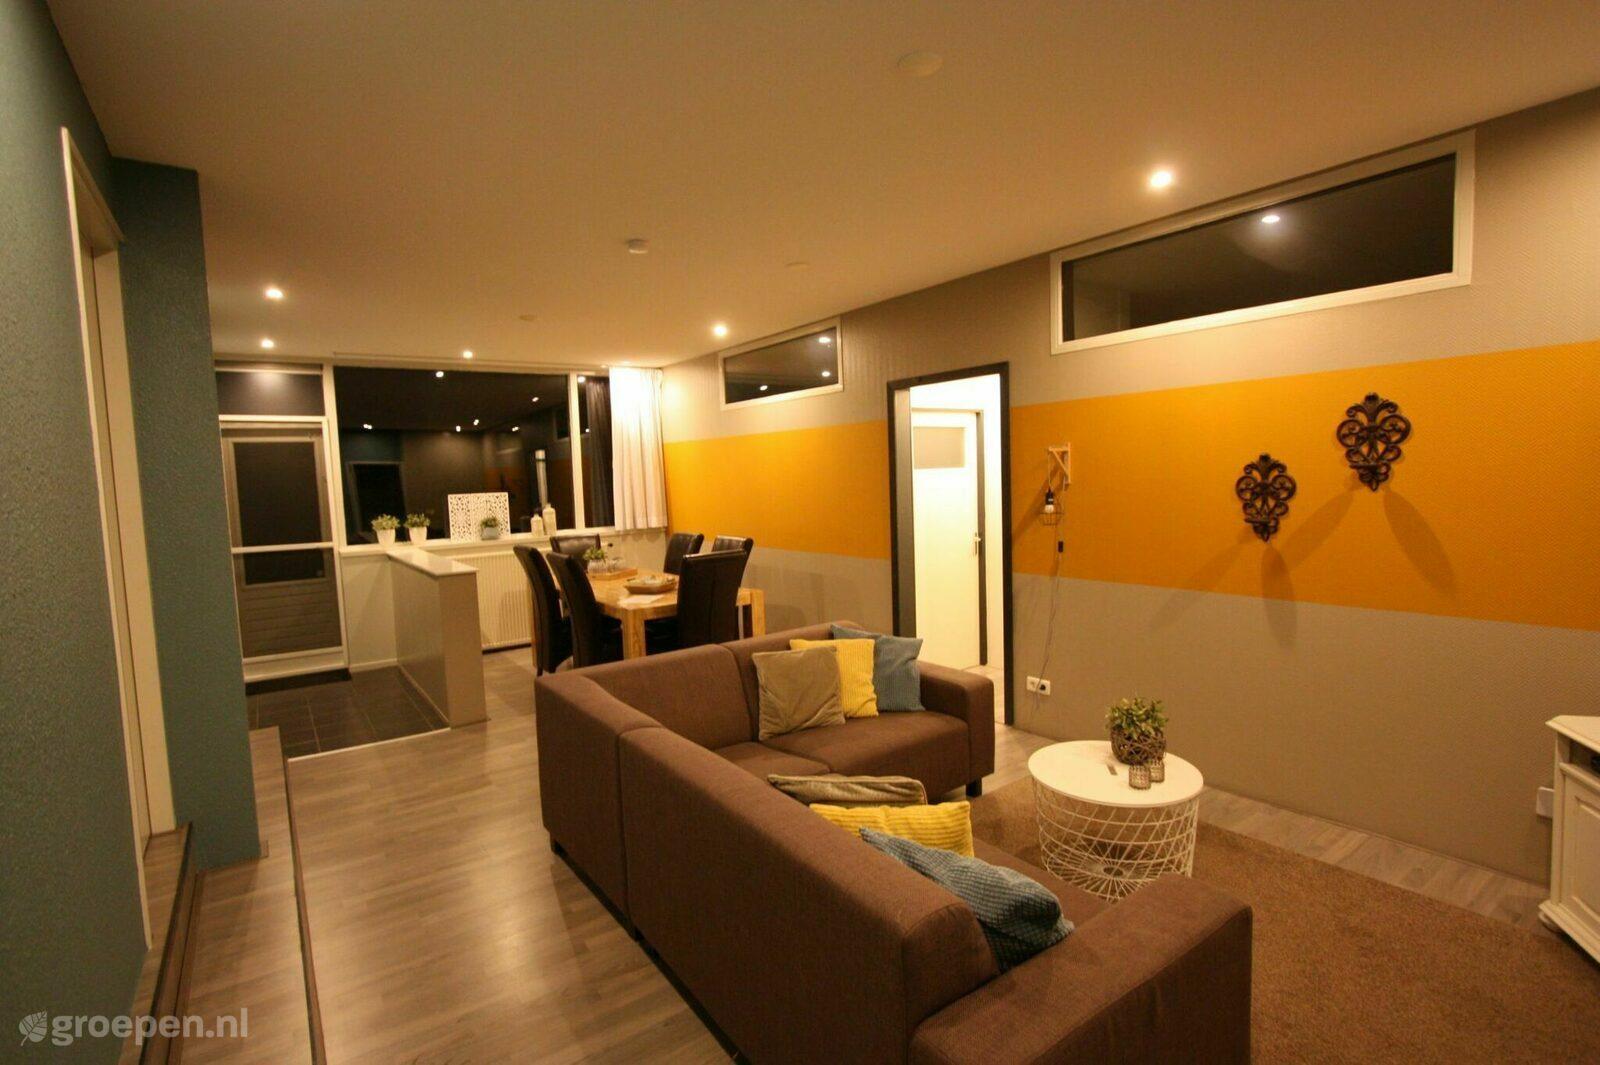 Group accommodation Bakkeveen